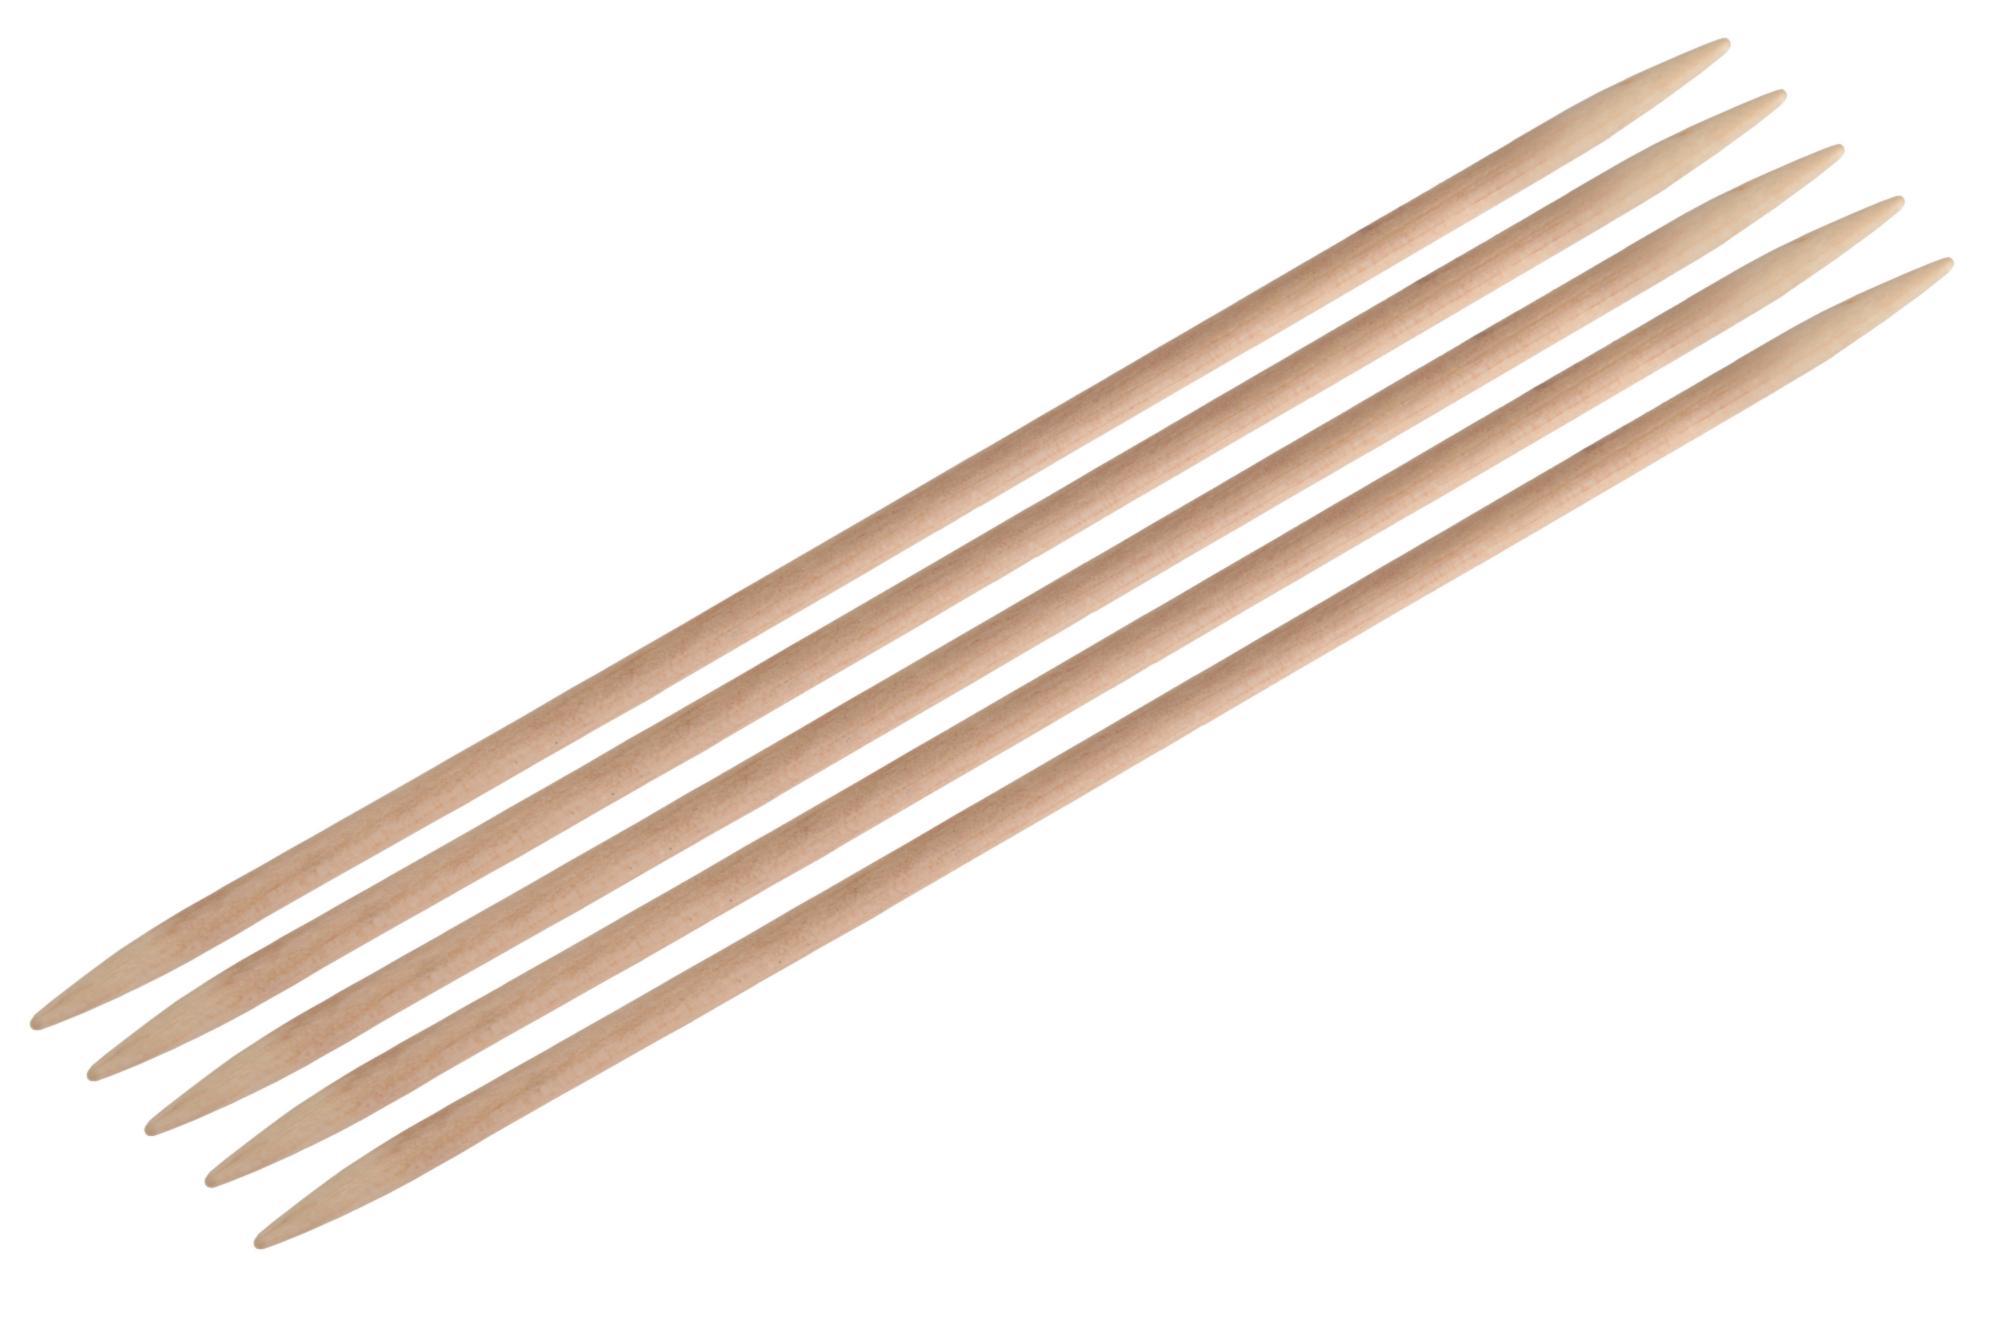 Спицы носочные 20 см Basix Birch Wood KnitPro, 35117, 4.00 мм